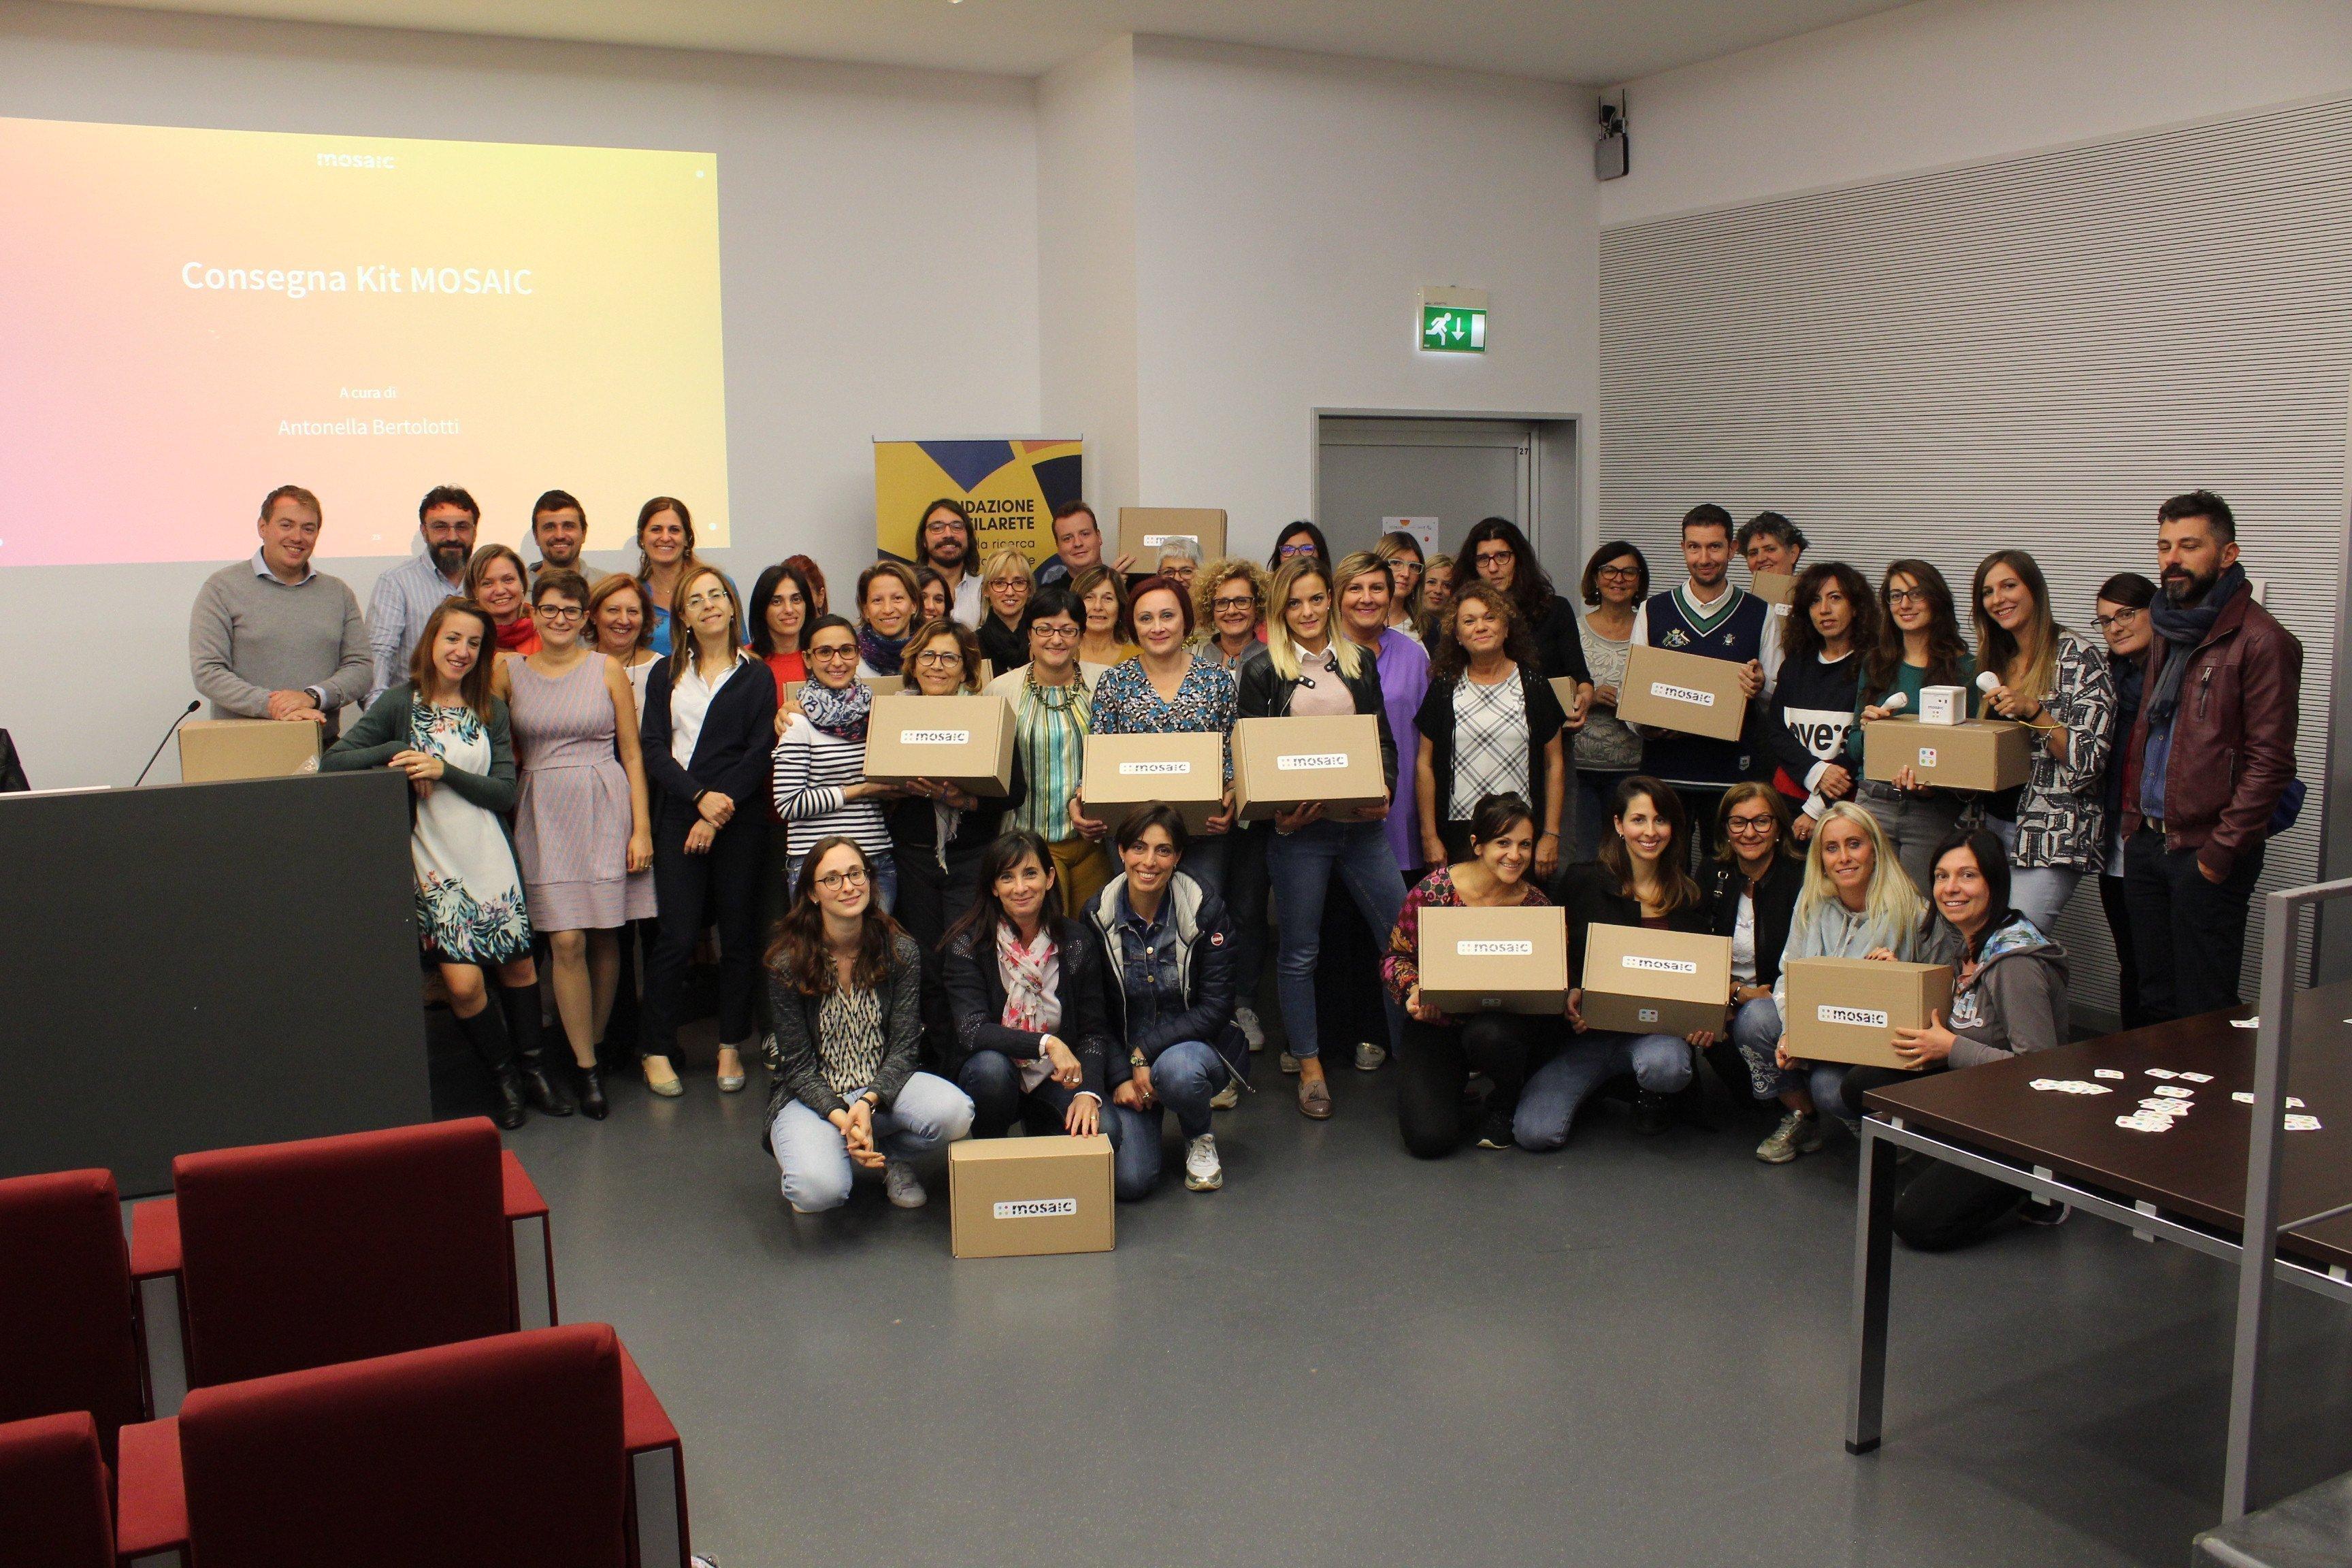 Foto di gruppo dei docenti della sperimentazione e del team MOSAIC dopo la consegna dei Kit